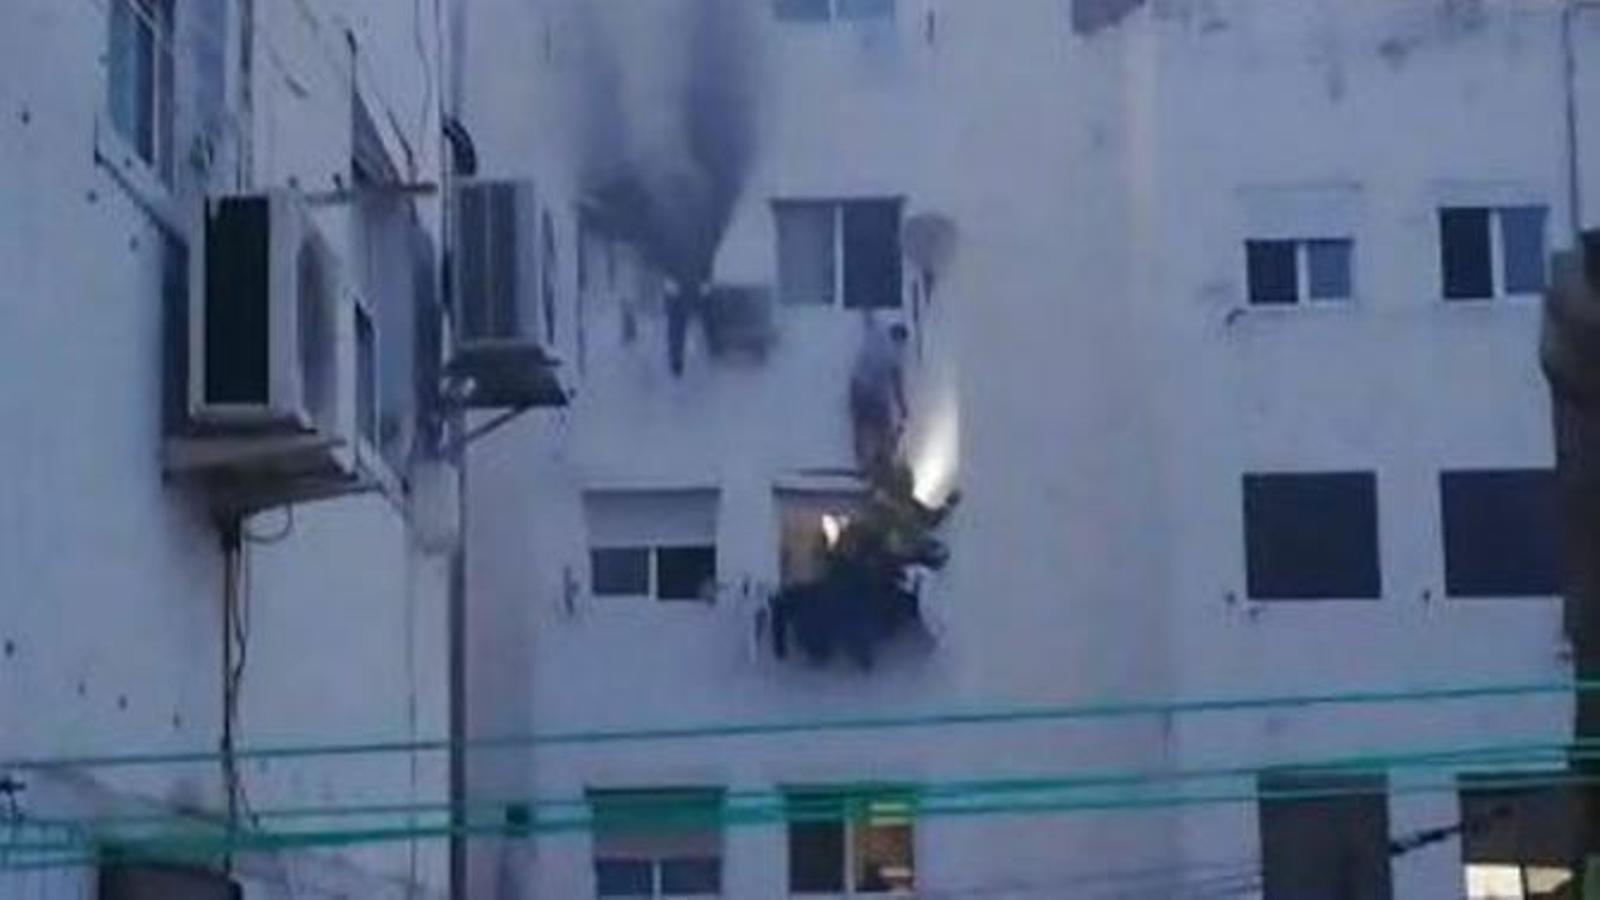 Moment, capturat per un veí, en que els bombers rescaten una de les persones quan intentava fugir pel celobert